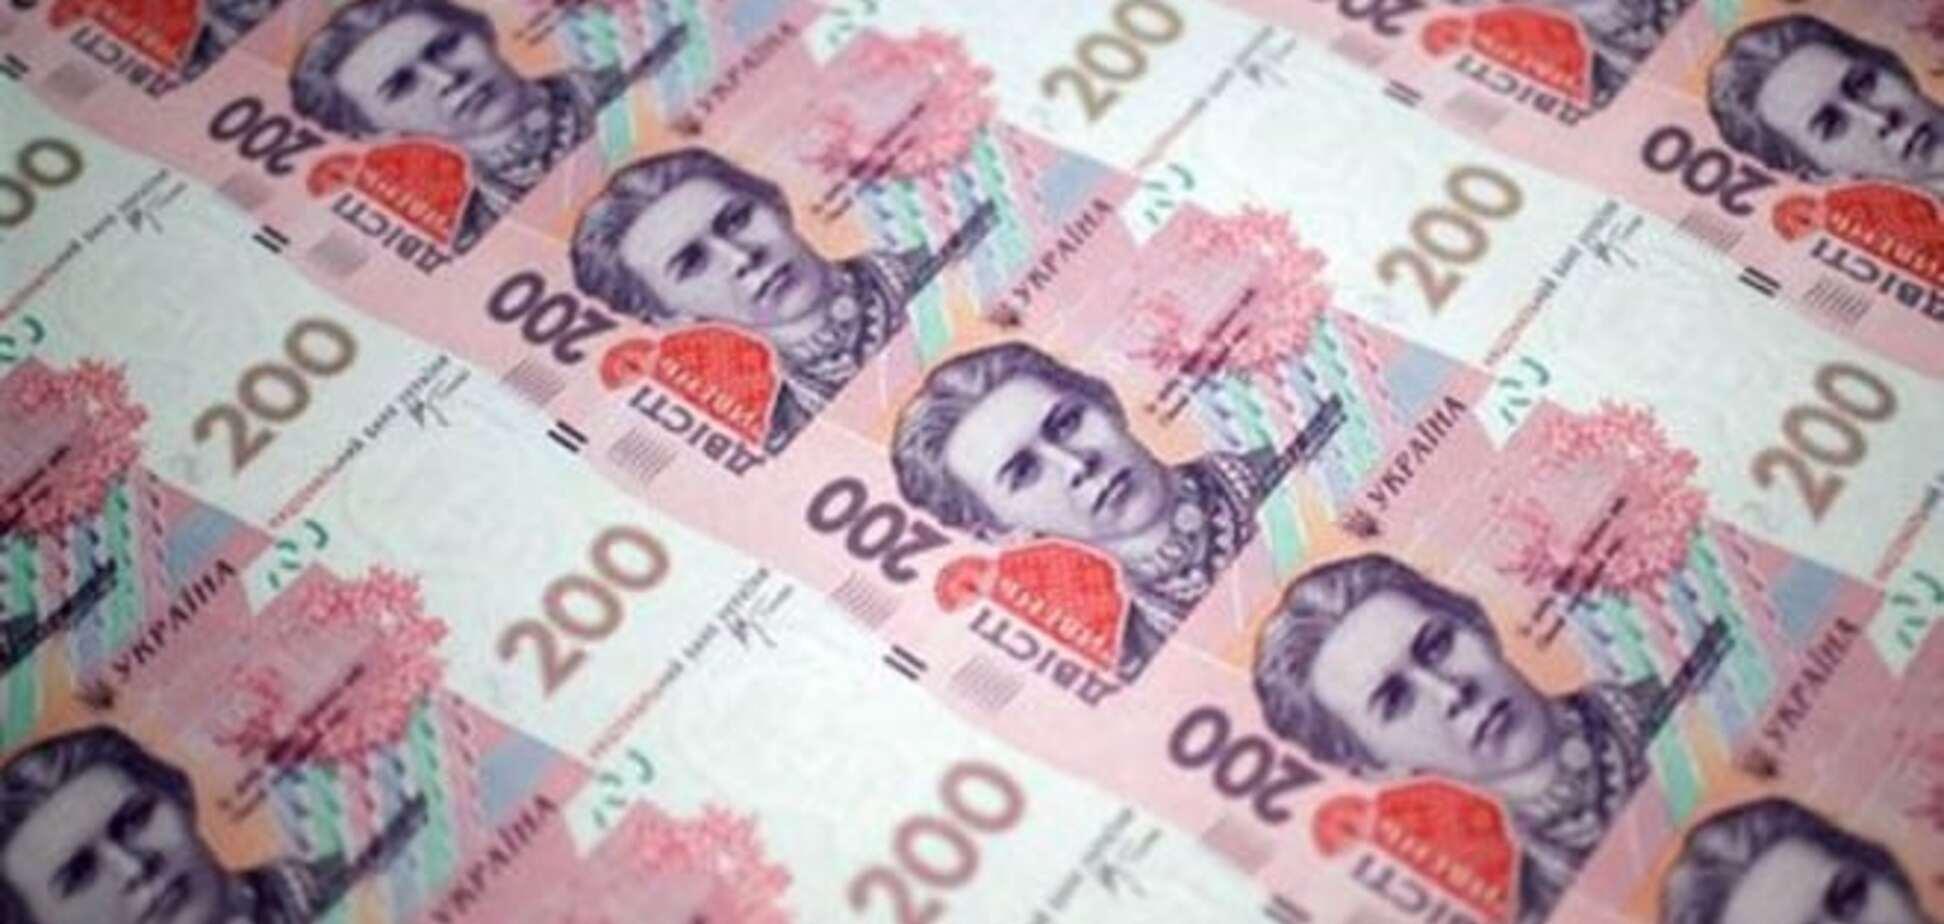 Фонд гарантирования вкладов попросил у Кабмина 20 млрд гривен